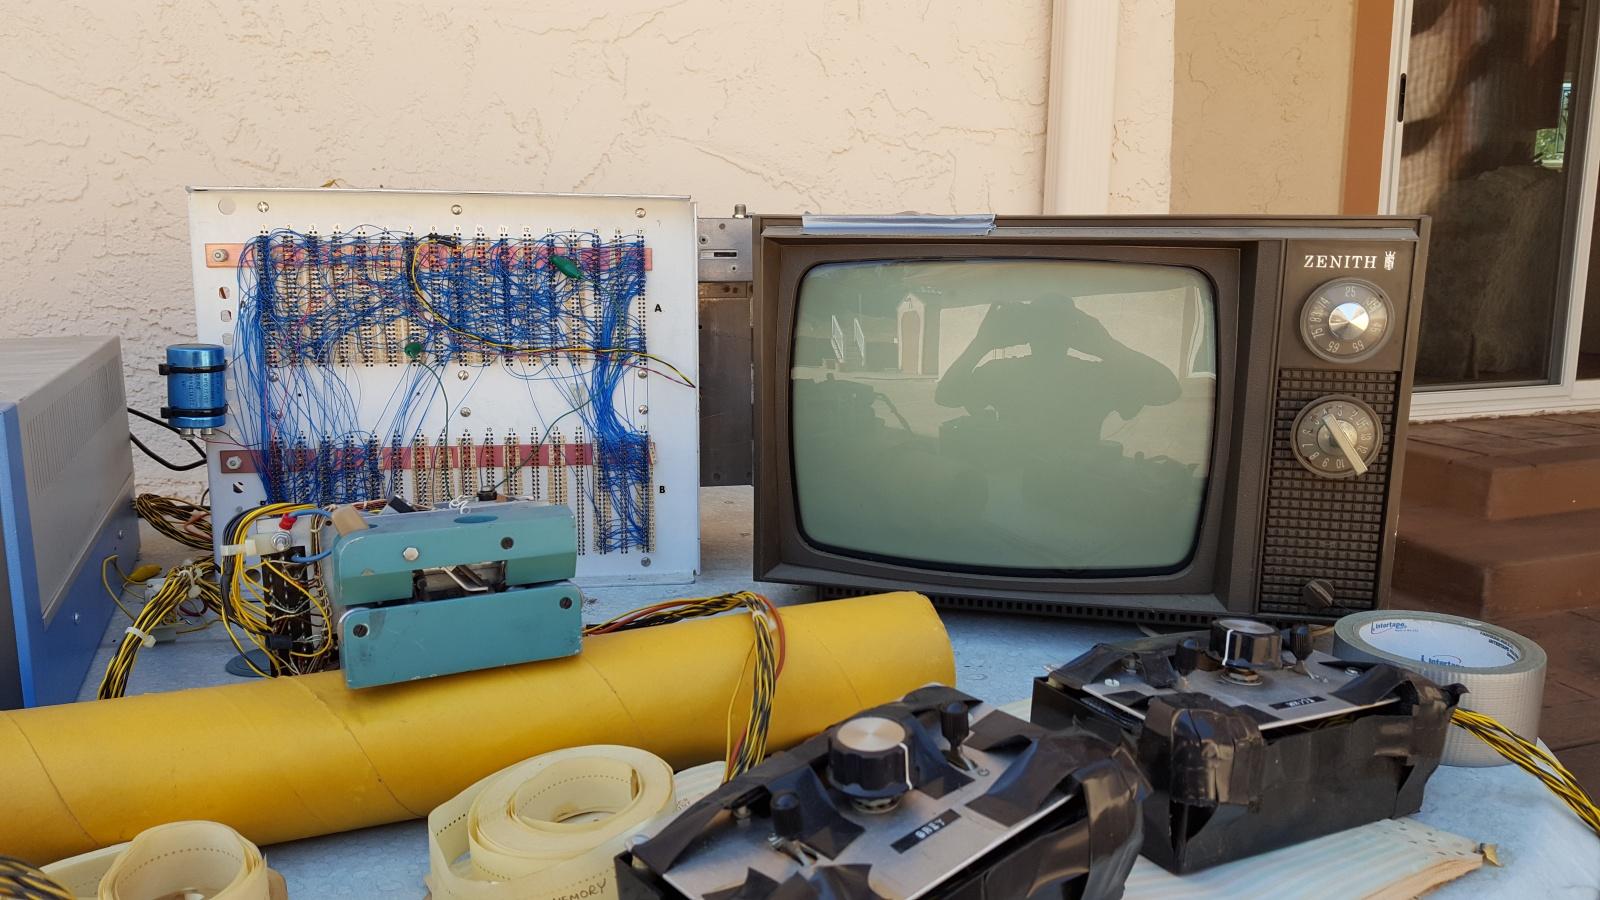 История первых микропроцессорных видеоигр - 16